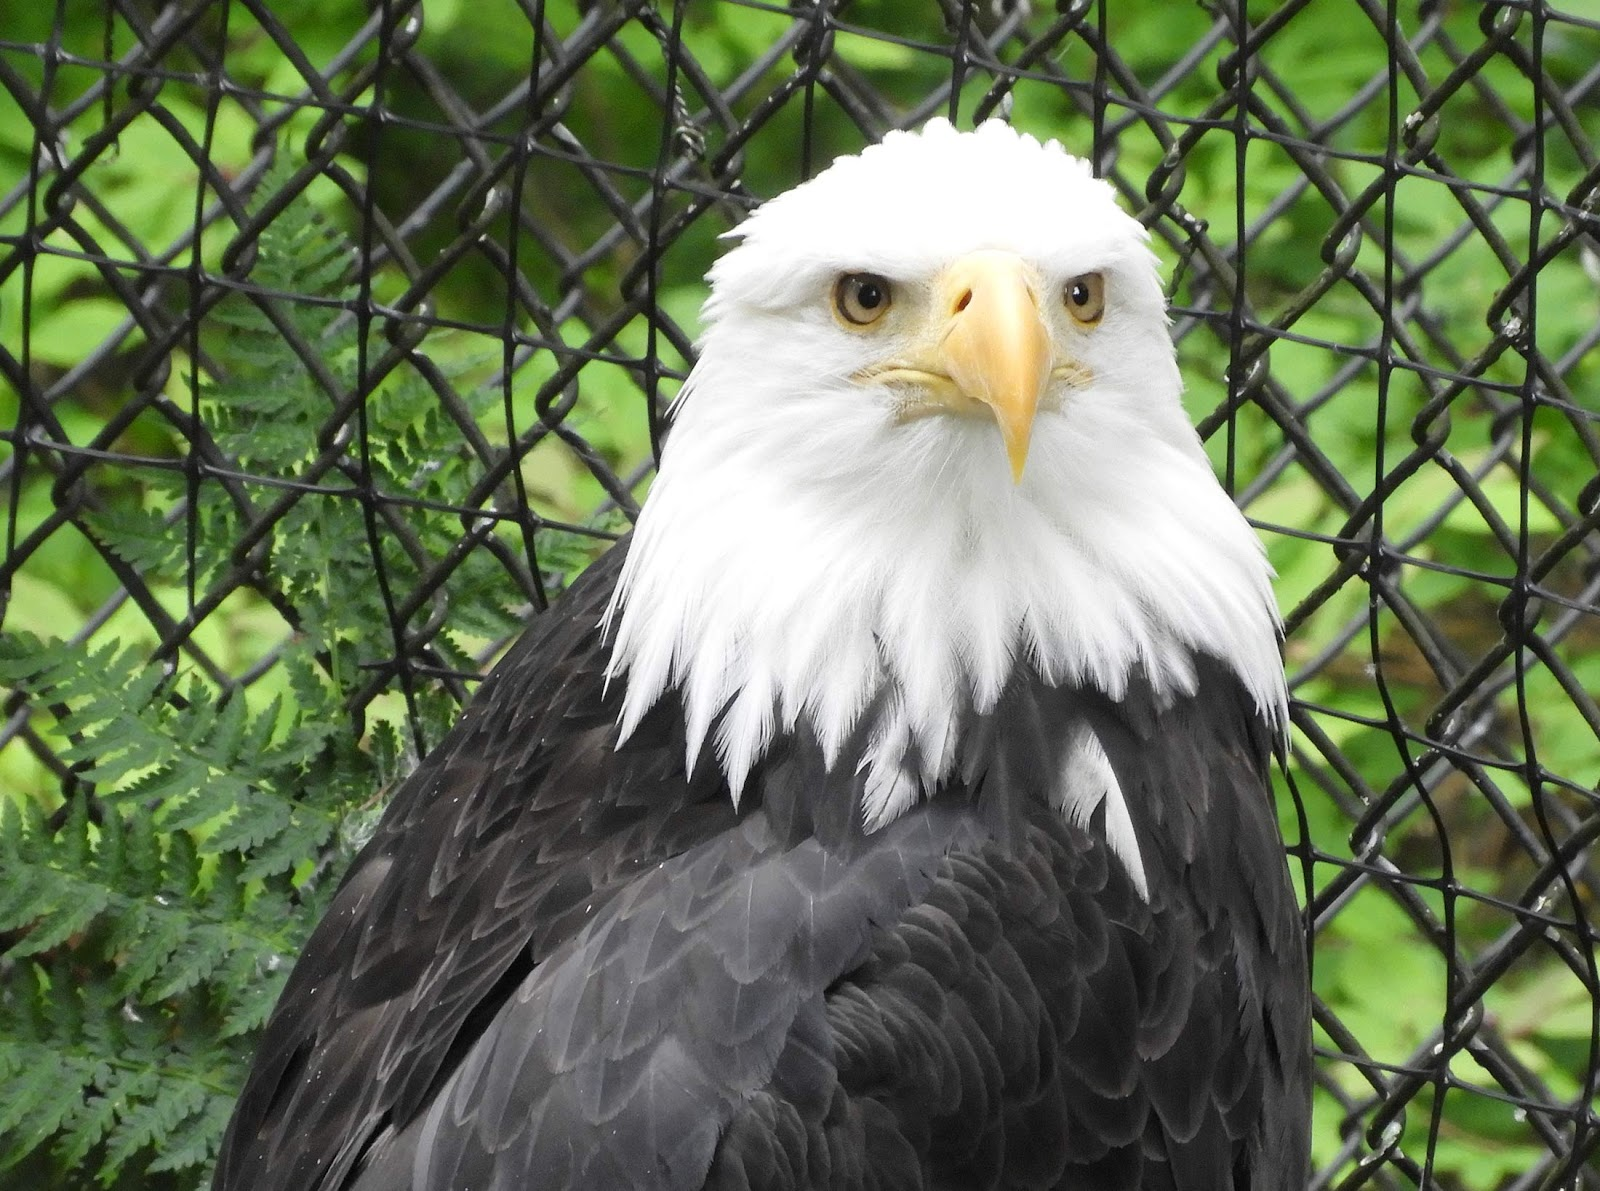 Bald eagle at Alaska Raptor Center, Sitka